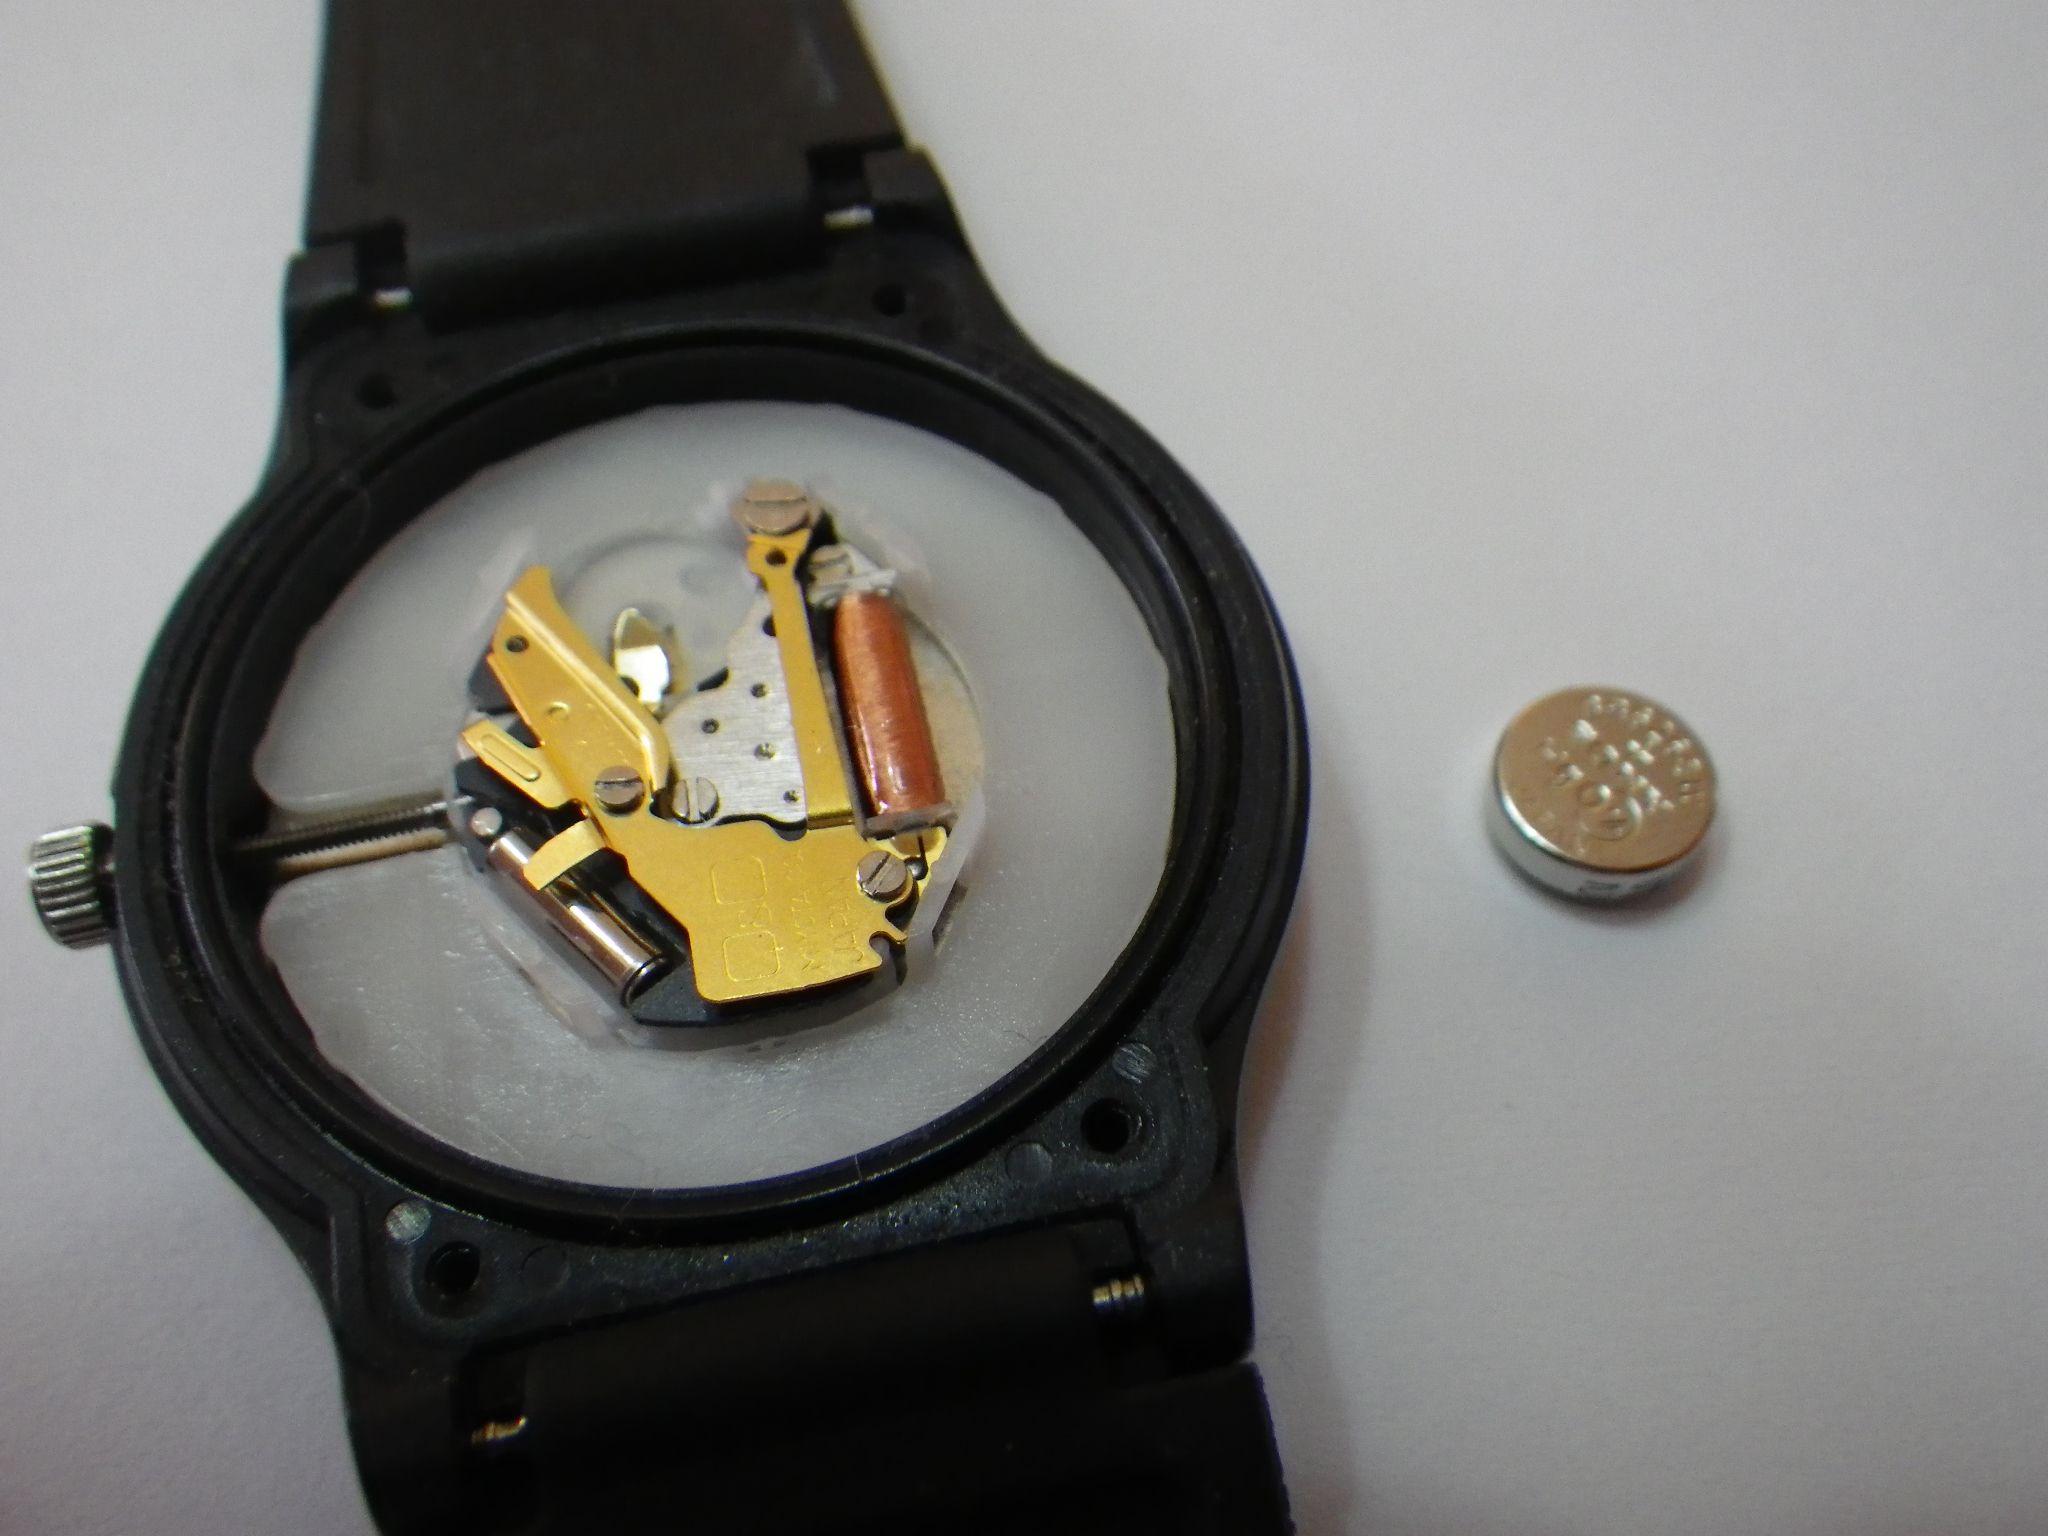 時計電池は自分で交換できるぞ!【時計ドライバーと電池だけ】